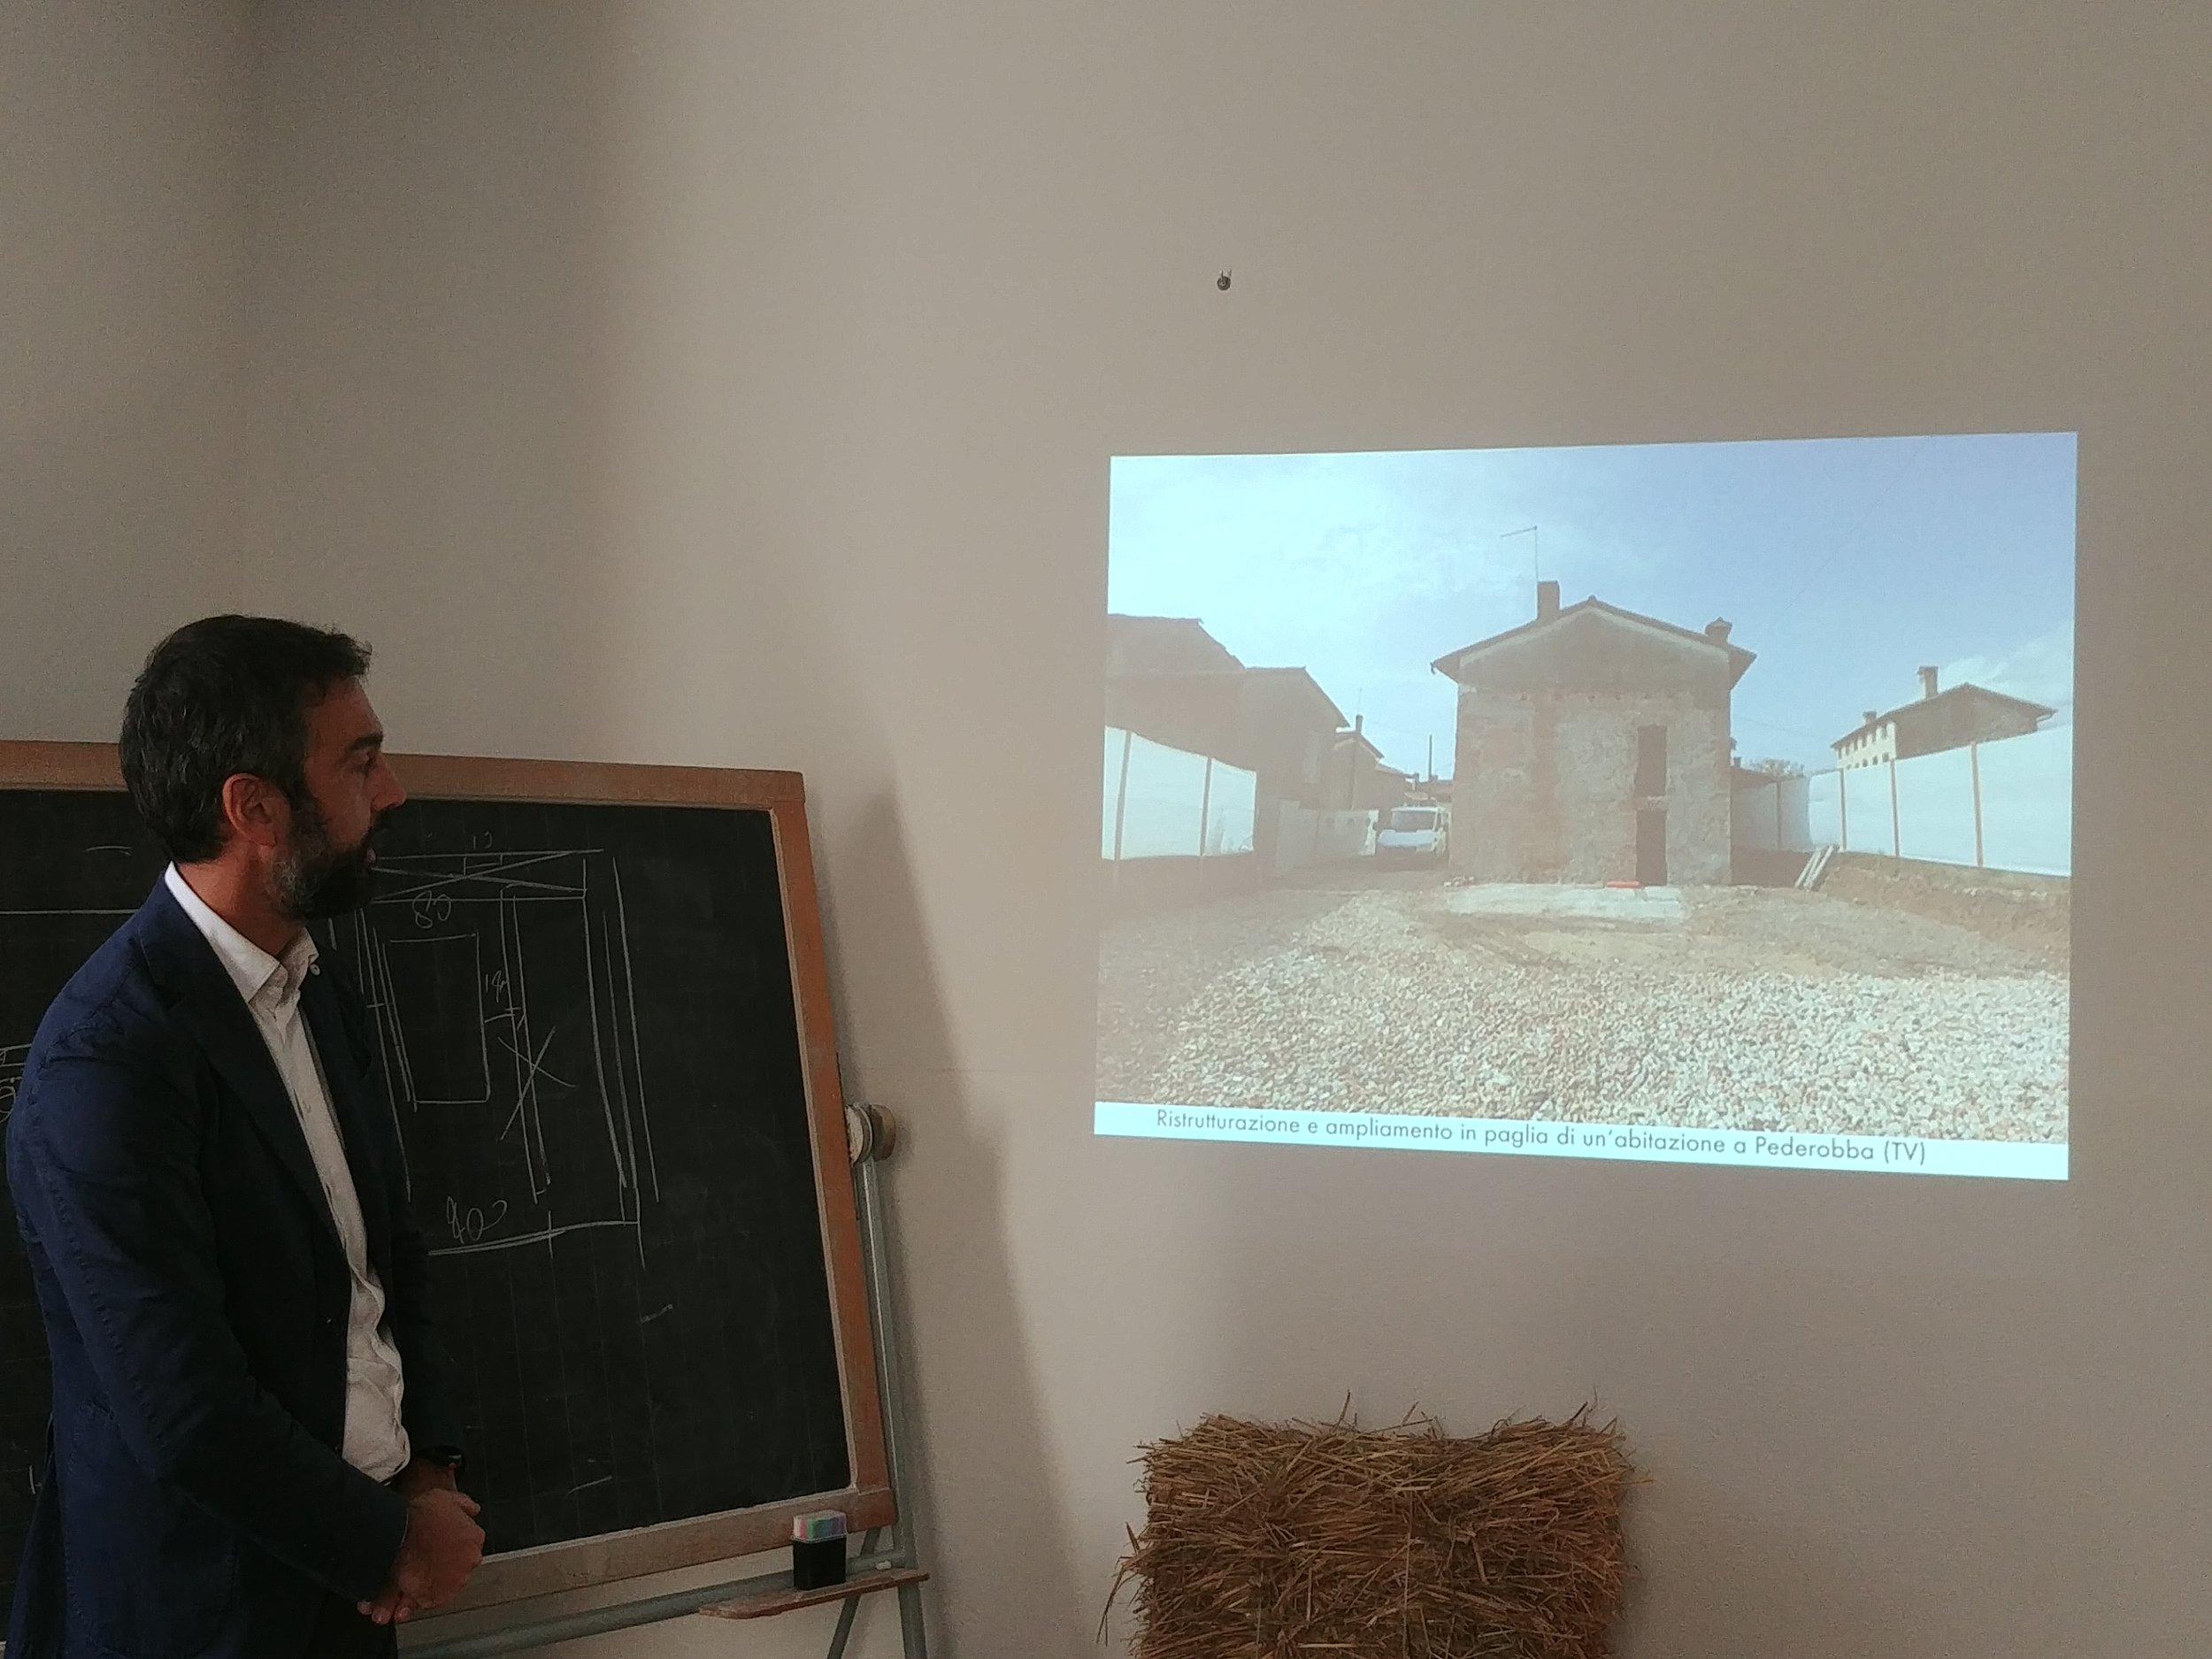 edifici-di-paglia-italia-ristrutturazione-e-ampliamento.jpg